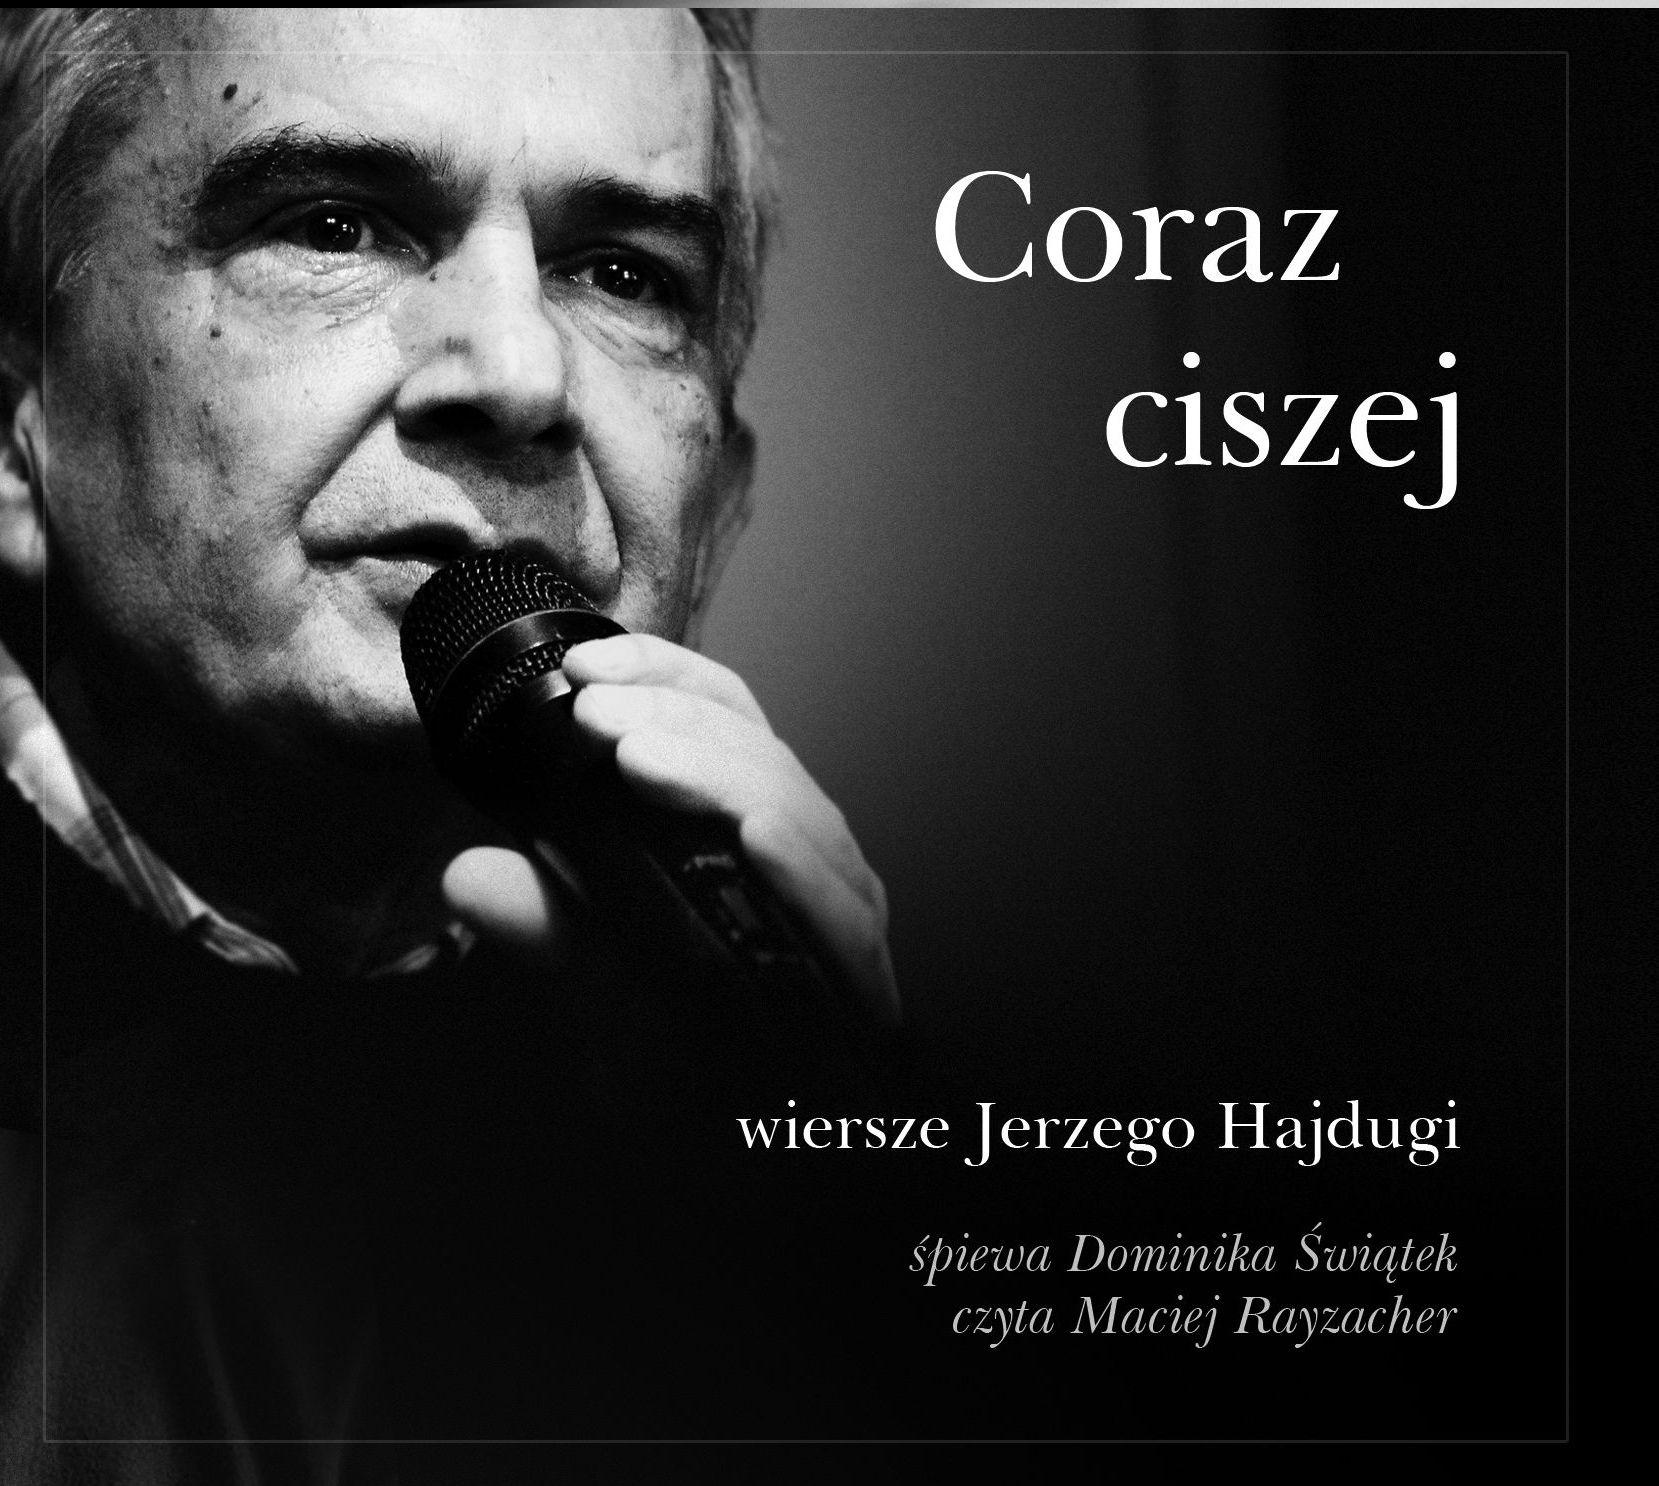 Jerzy_Hajduga_coraz_ciszej1